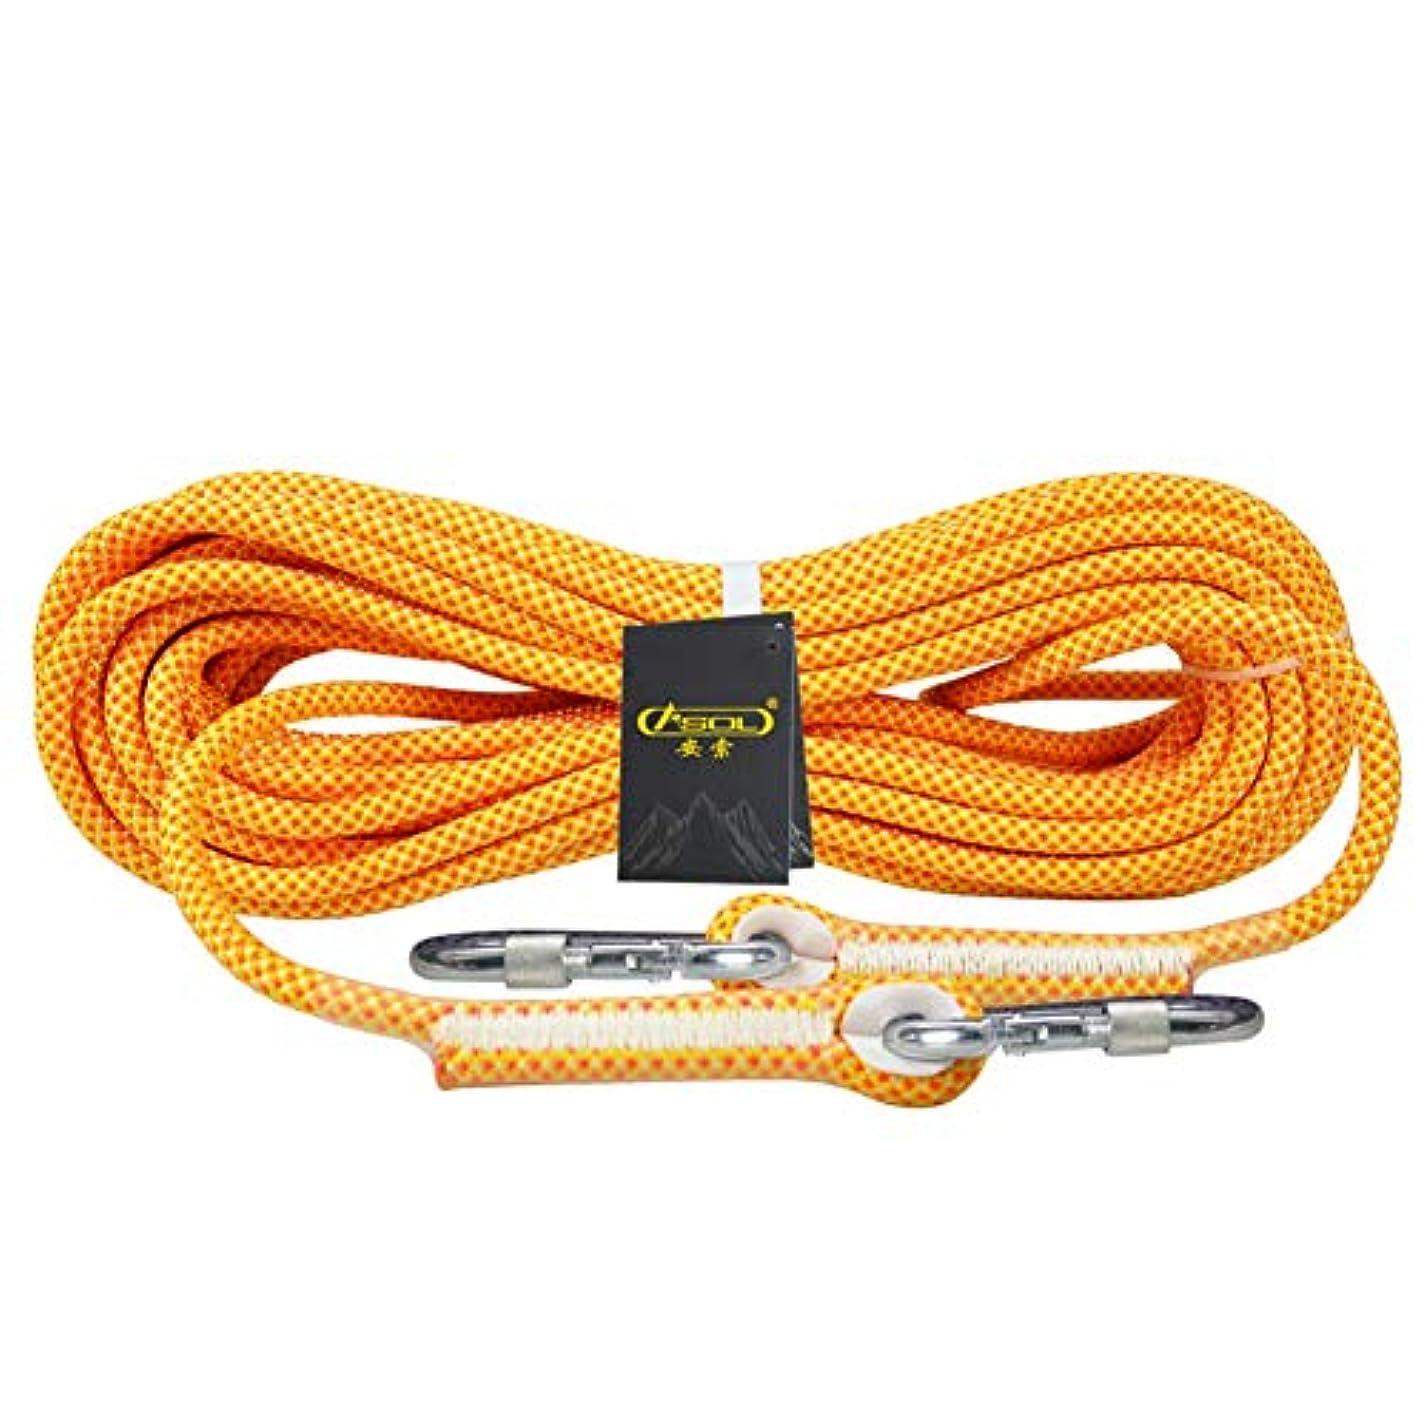 高く解説手当屋外安全ロープ12ミリメートル直径クライミングローププロフェッショナルハイキング高強度ポリエステルロープ火災エスケープ救助急行コード,Orange,10m